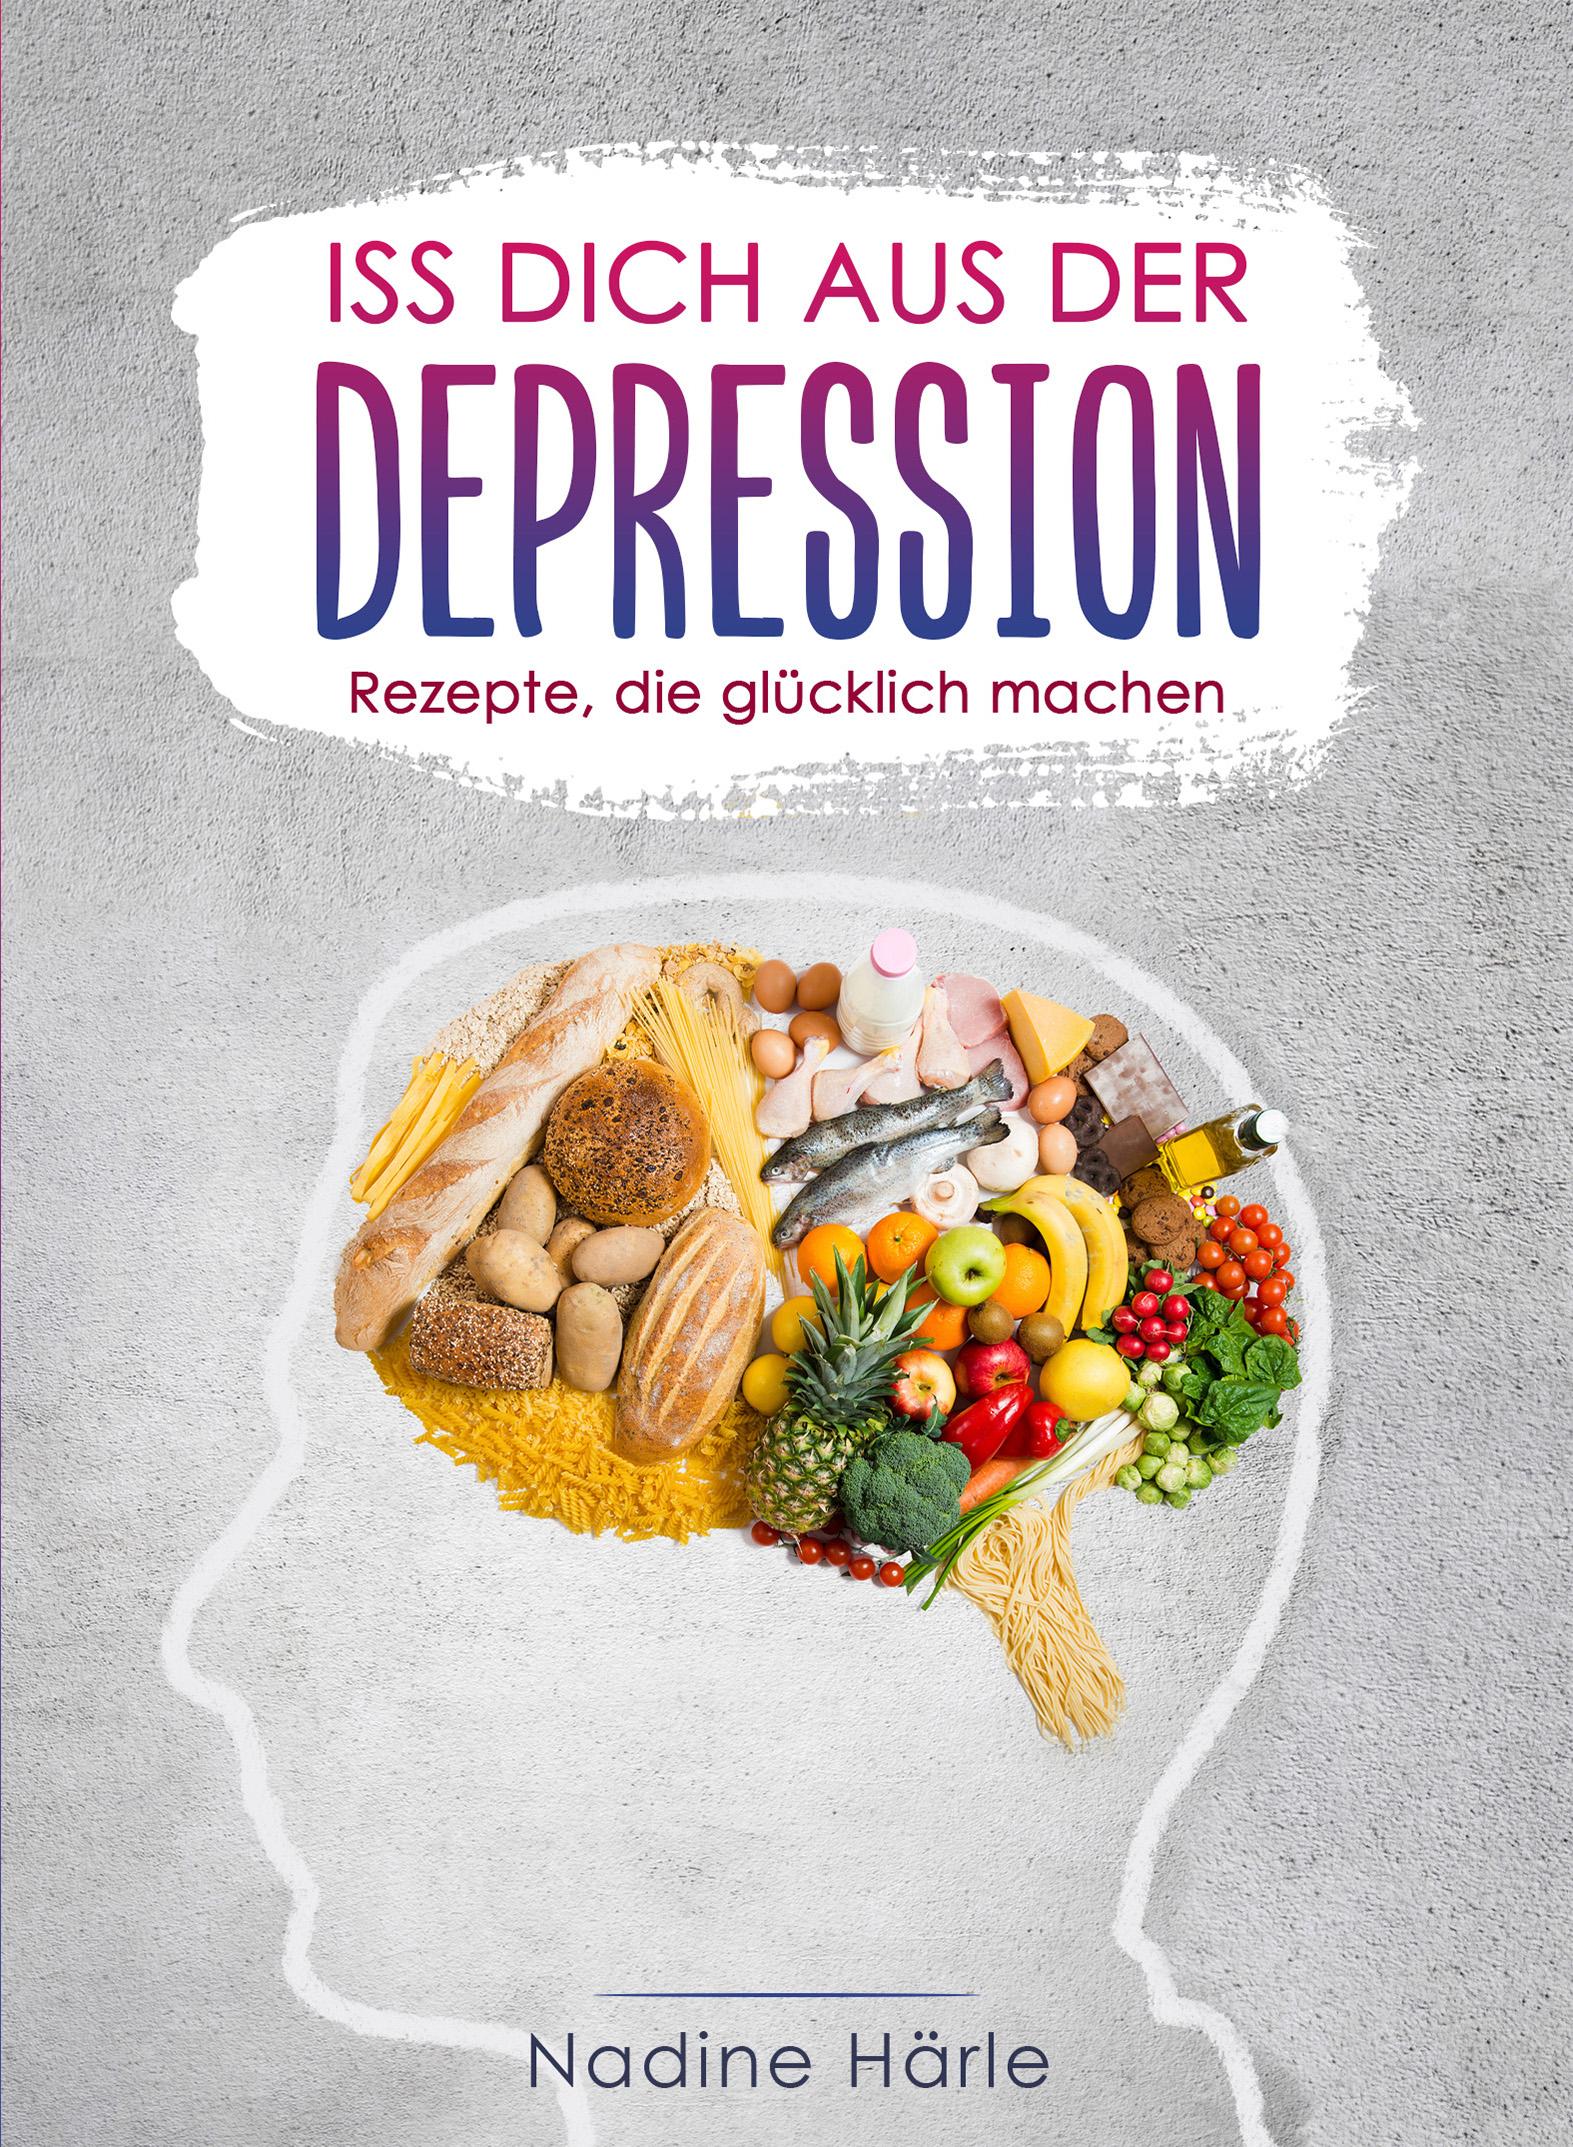 Iss dich aus der Depression